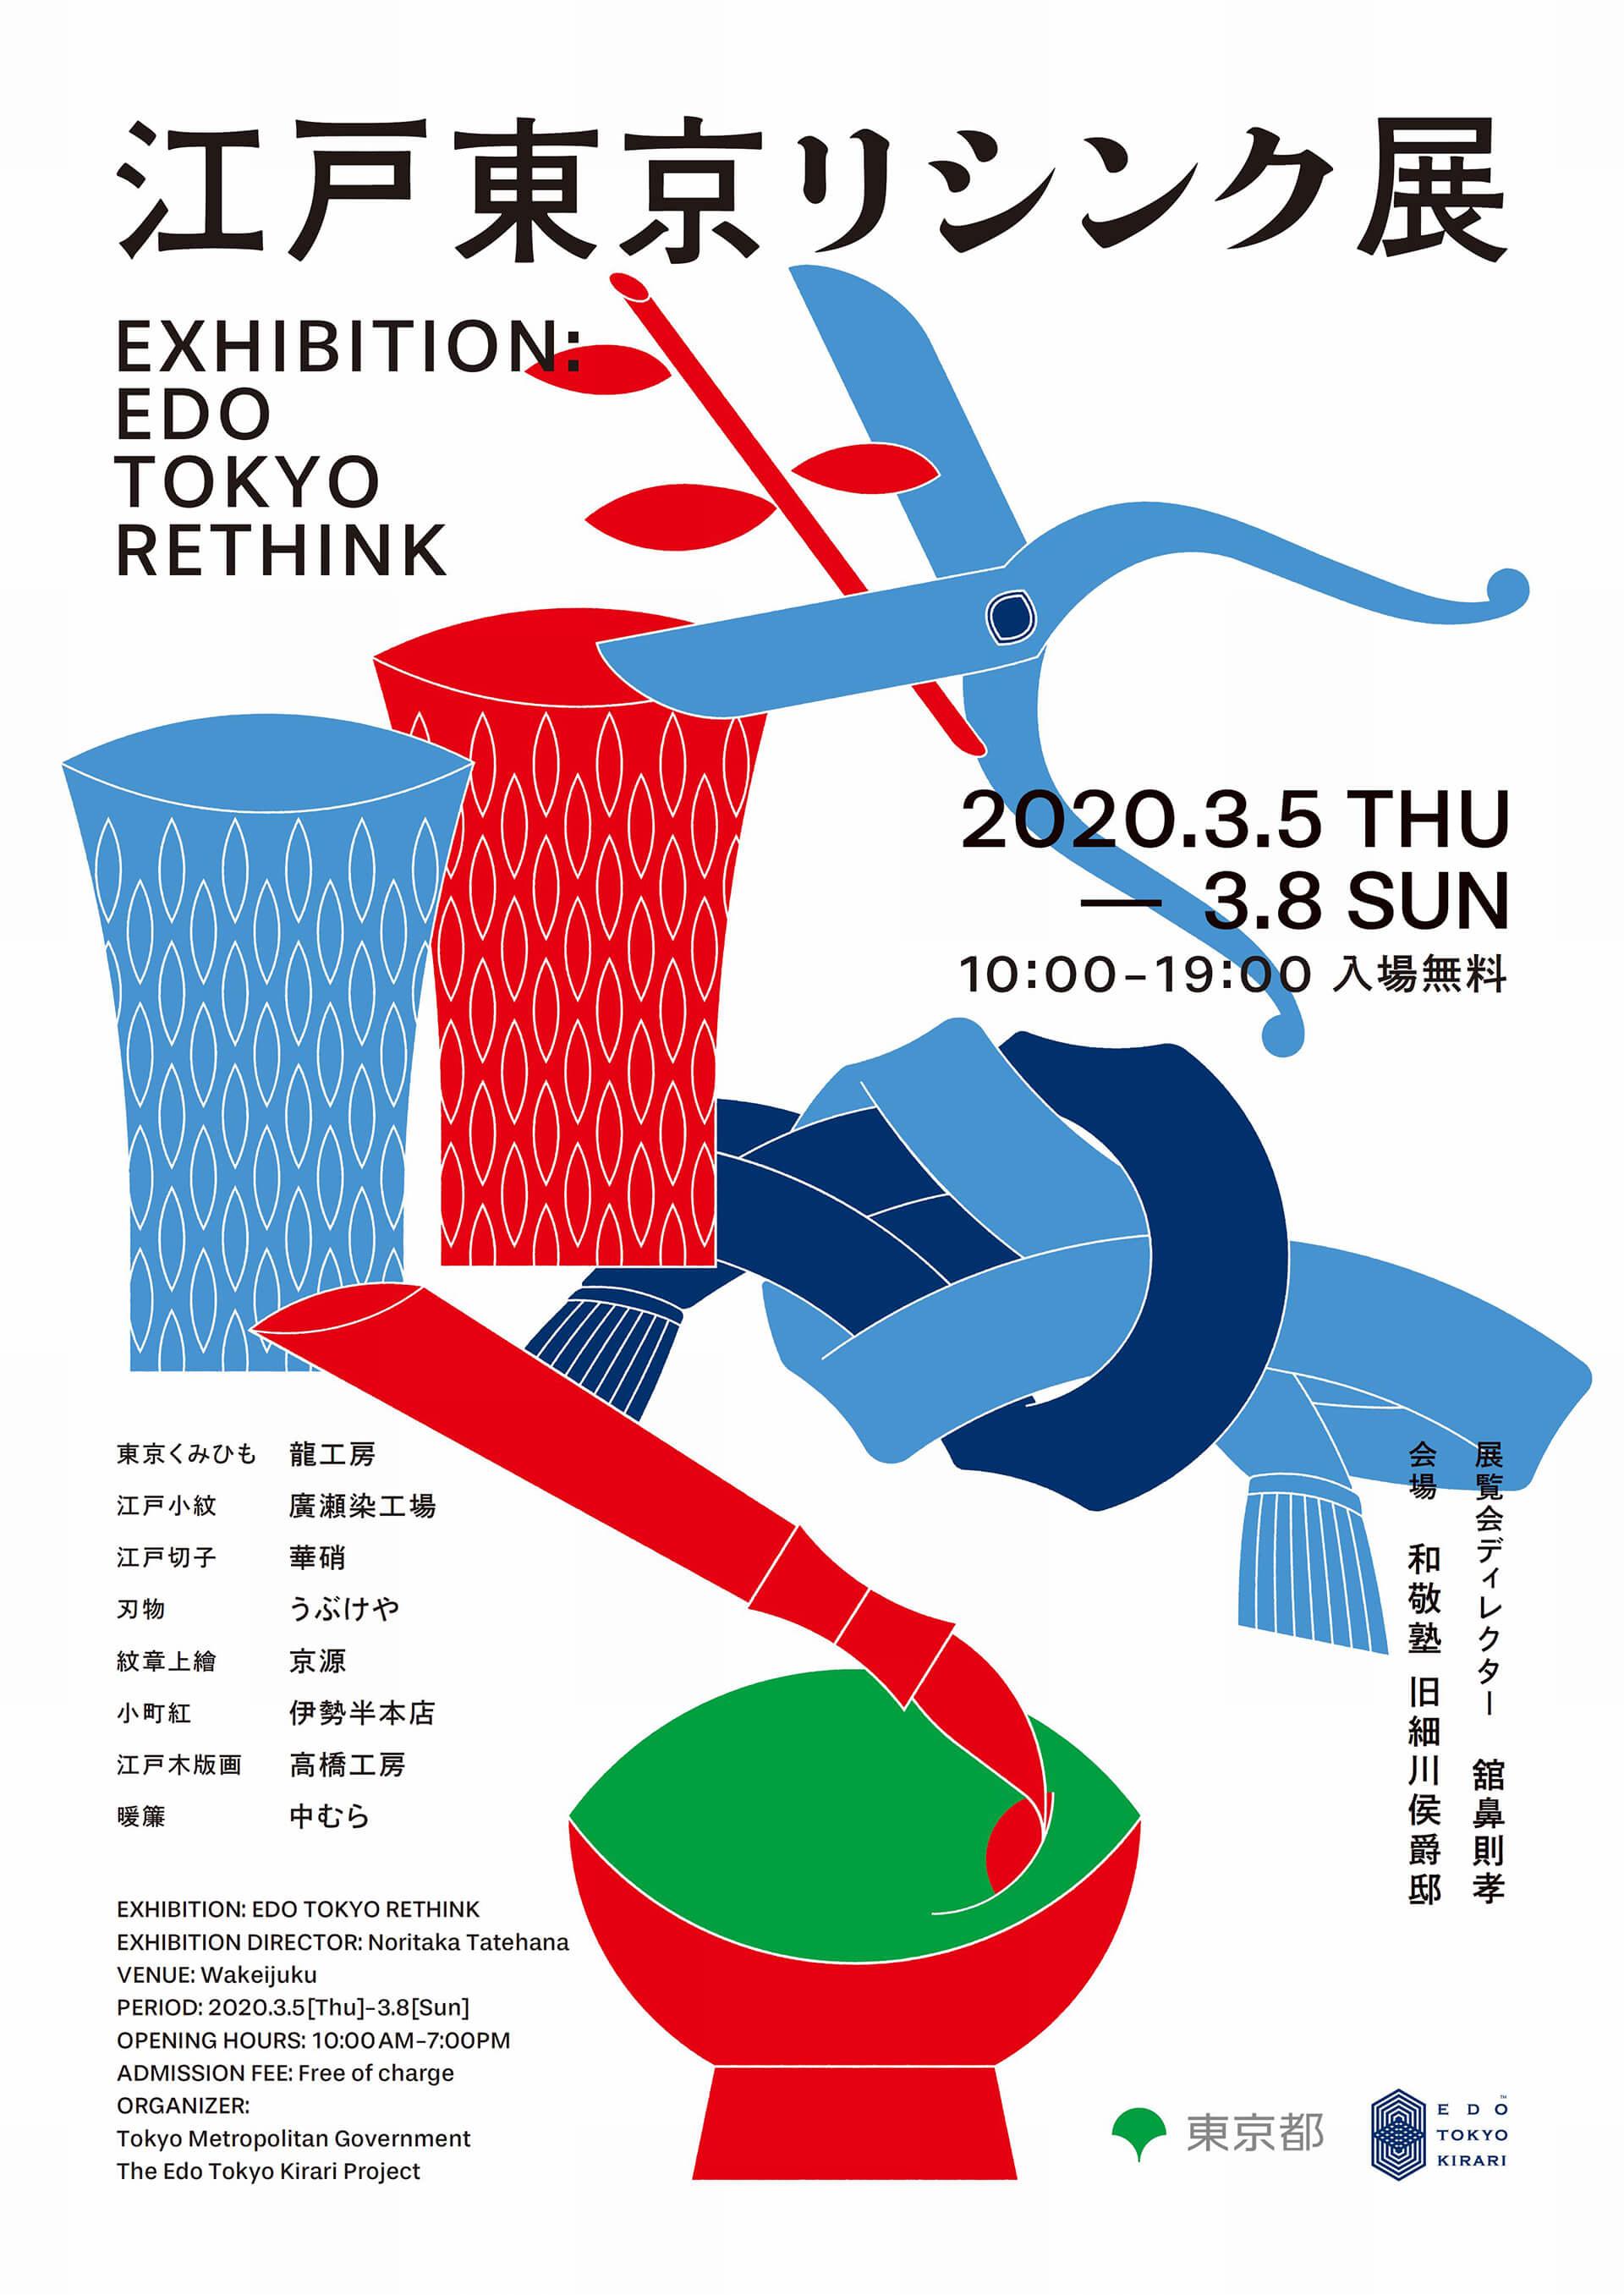 江戸東京リシンク展・ポスター